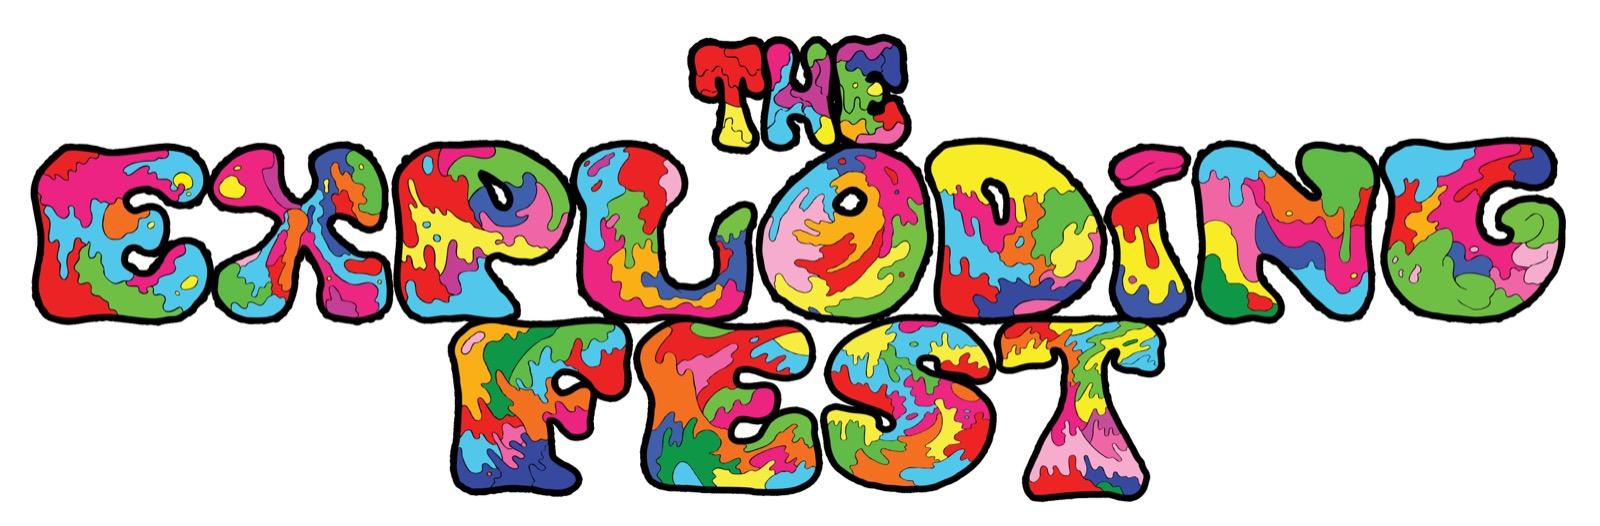 The Exploding Fest